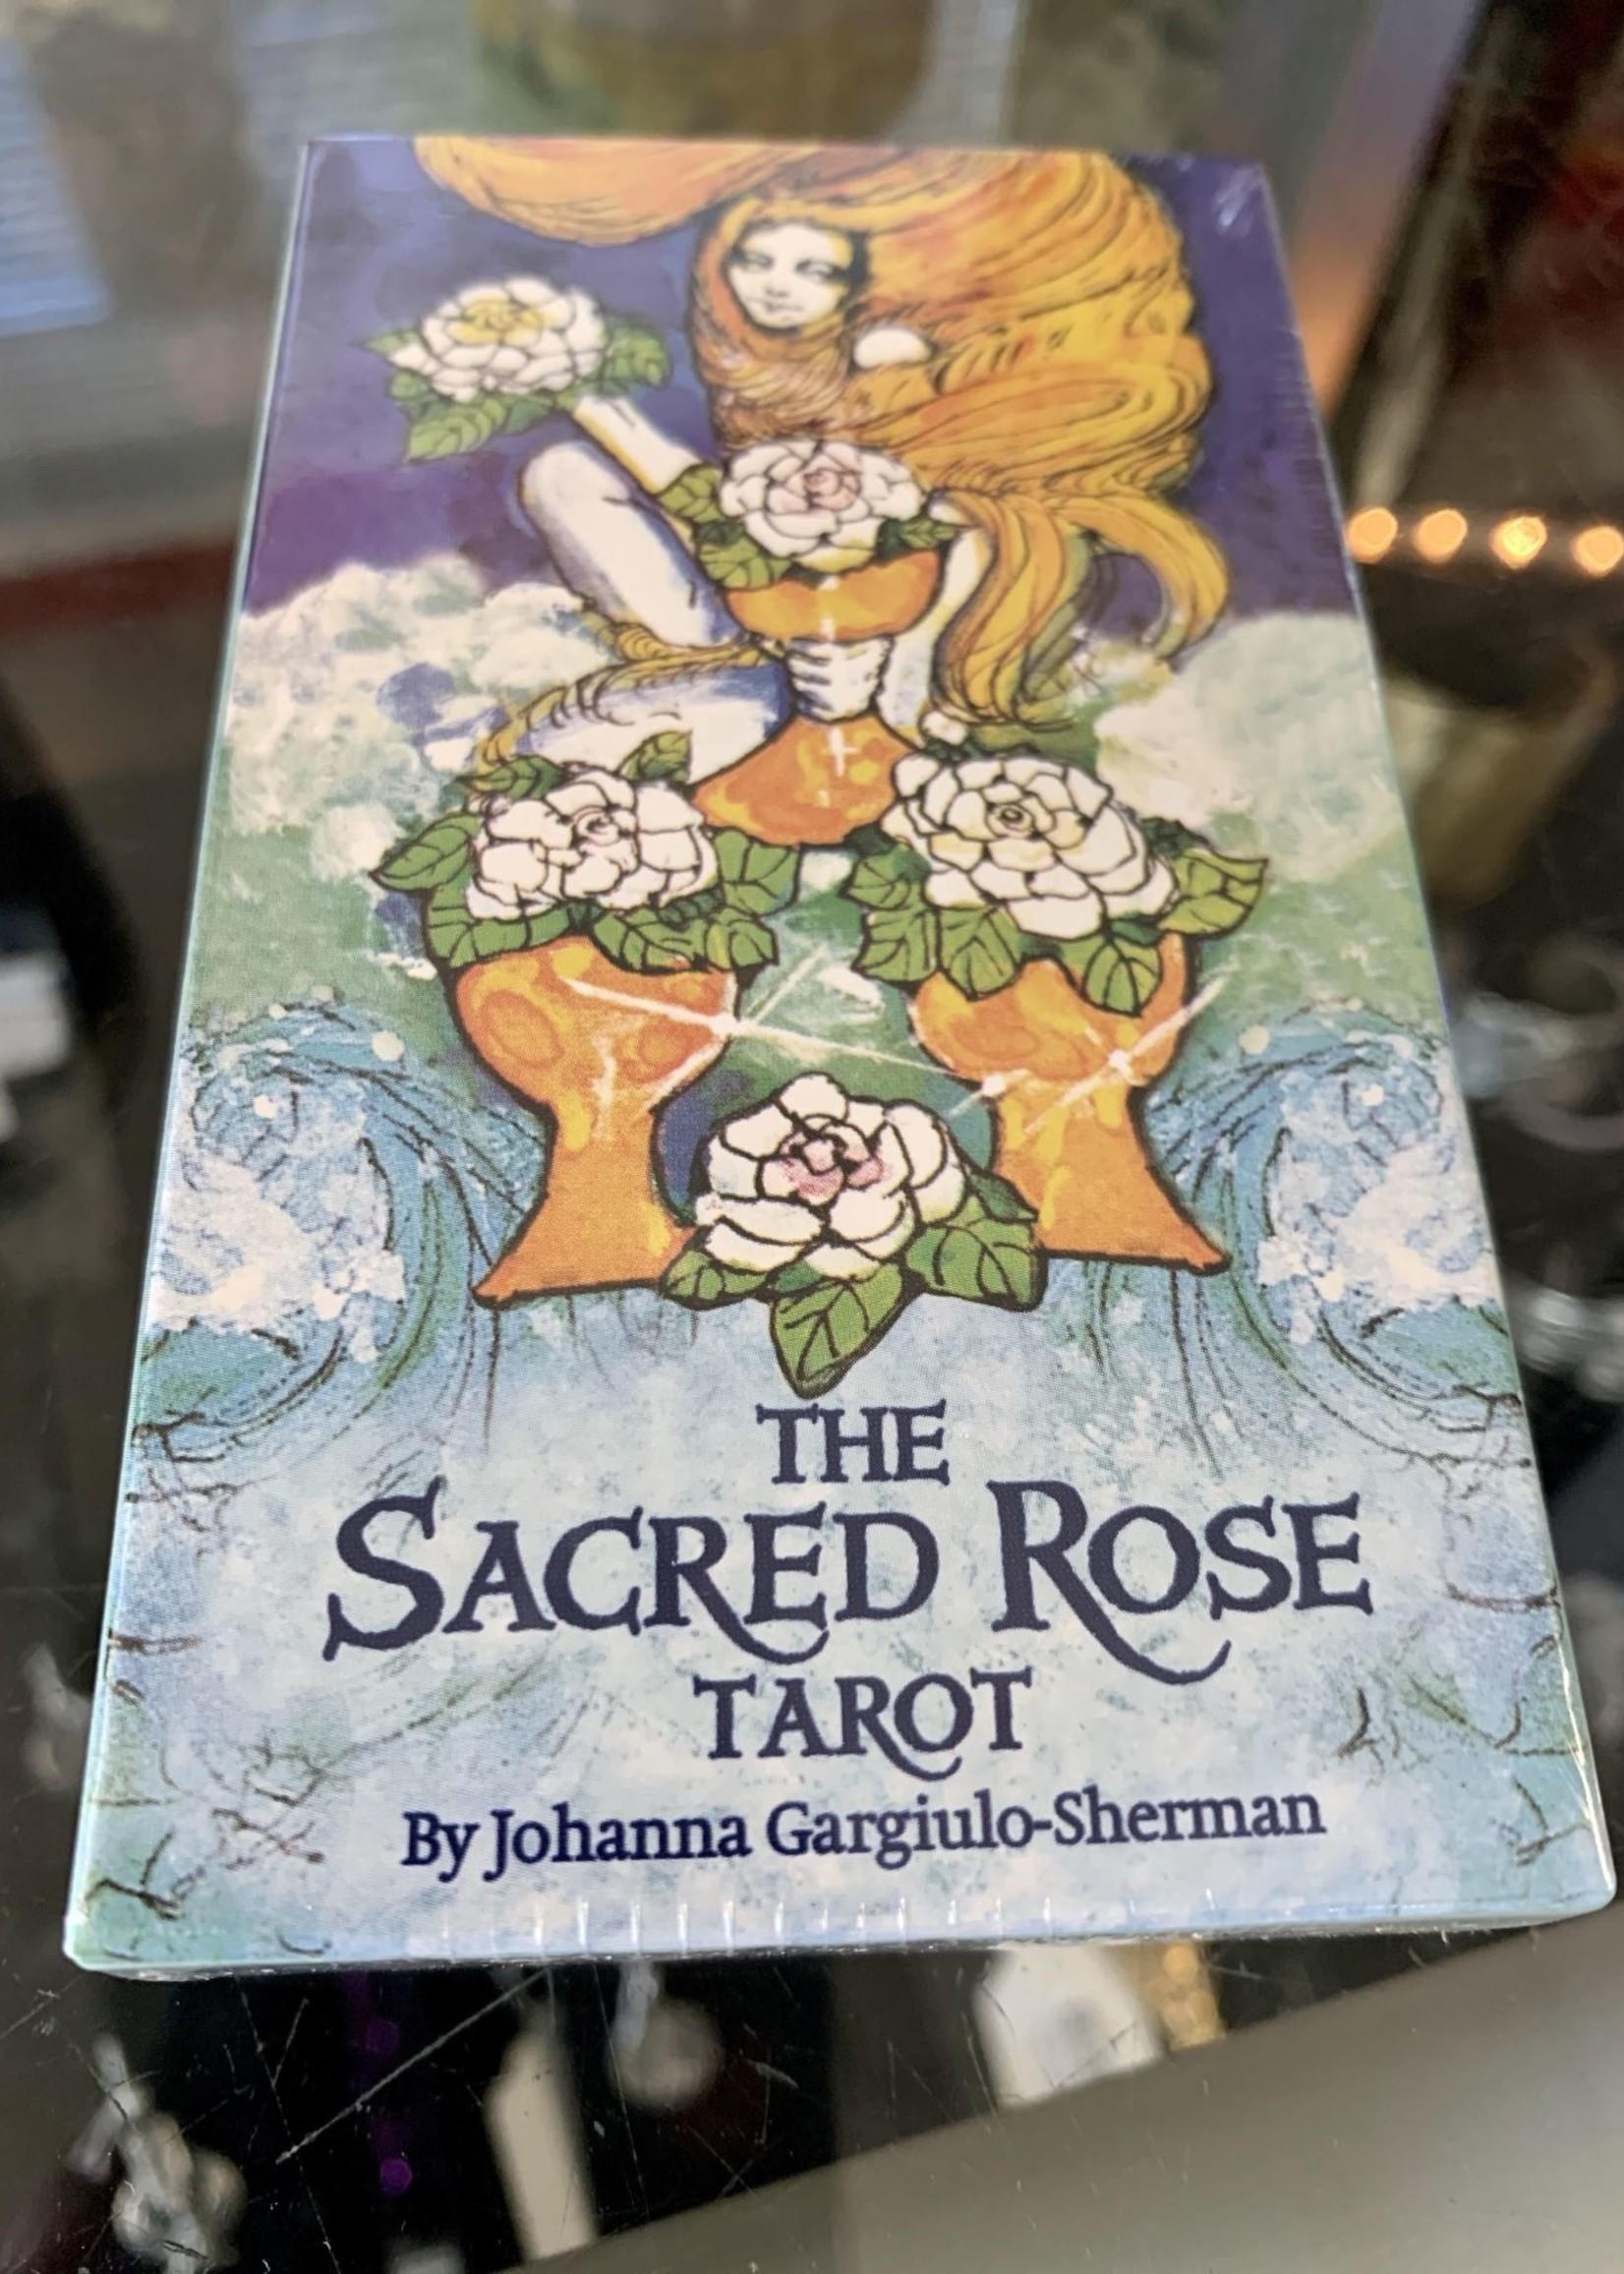 The Sacred Rose Tarot